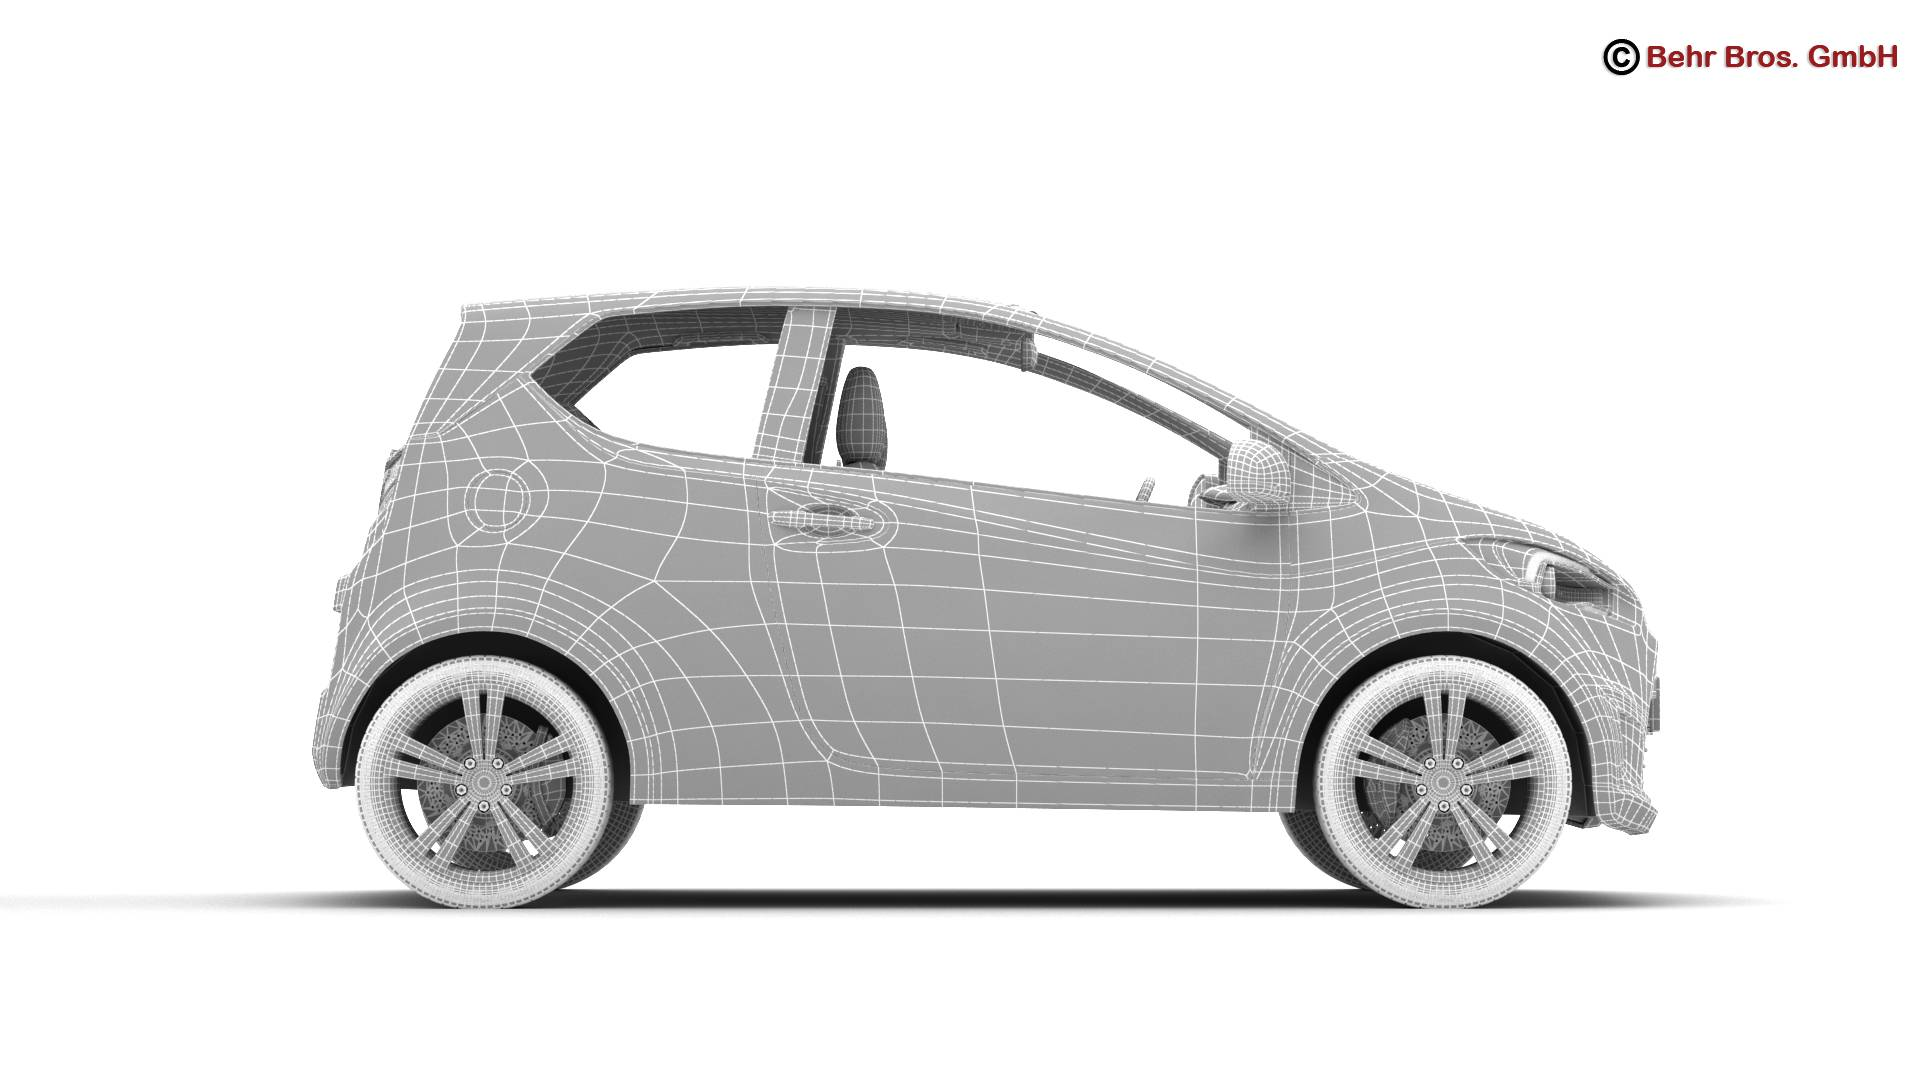 generic city car 3d model 3ds max fbx c4d lwo ma mb obj 209052